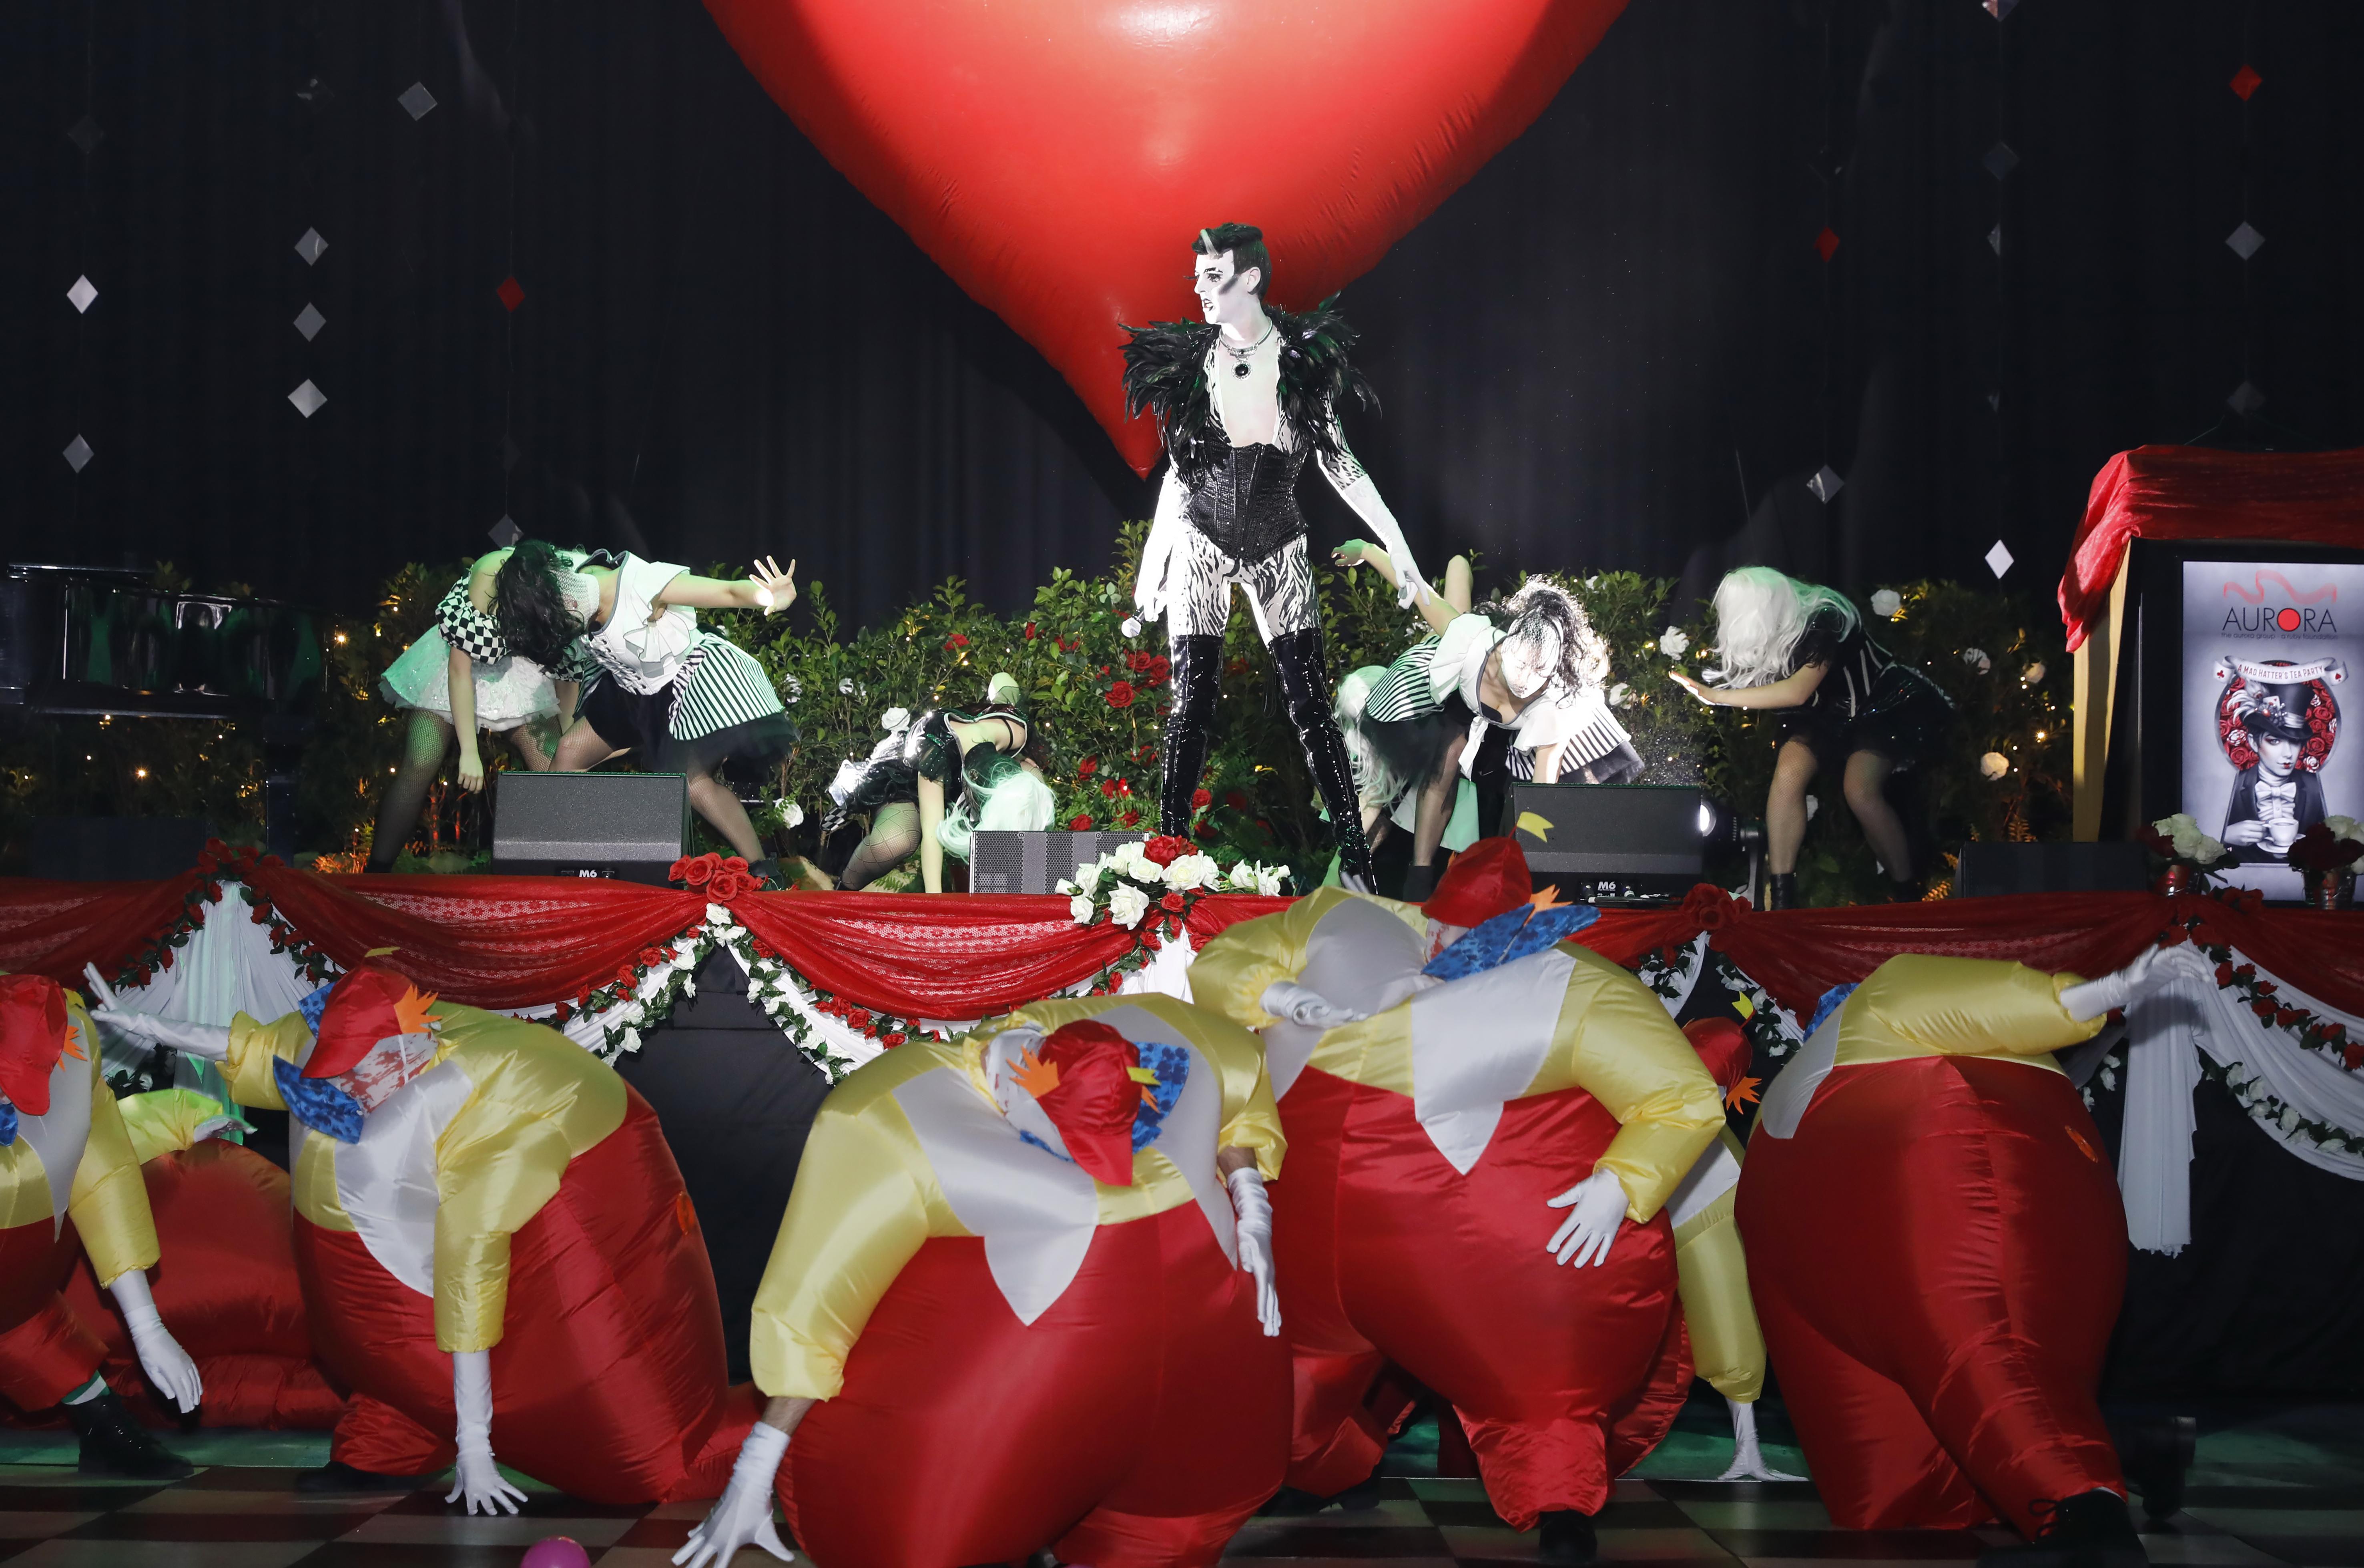 ann-marie calilhanna- aurora 18th ball @